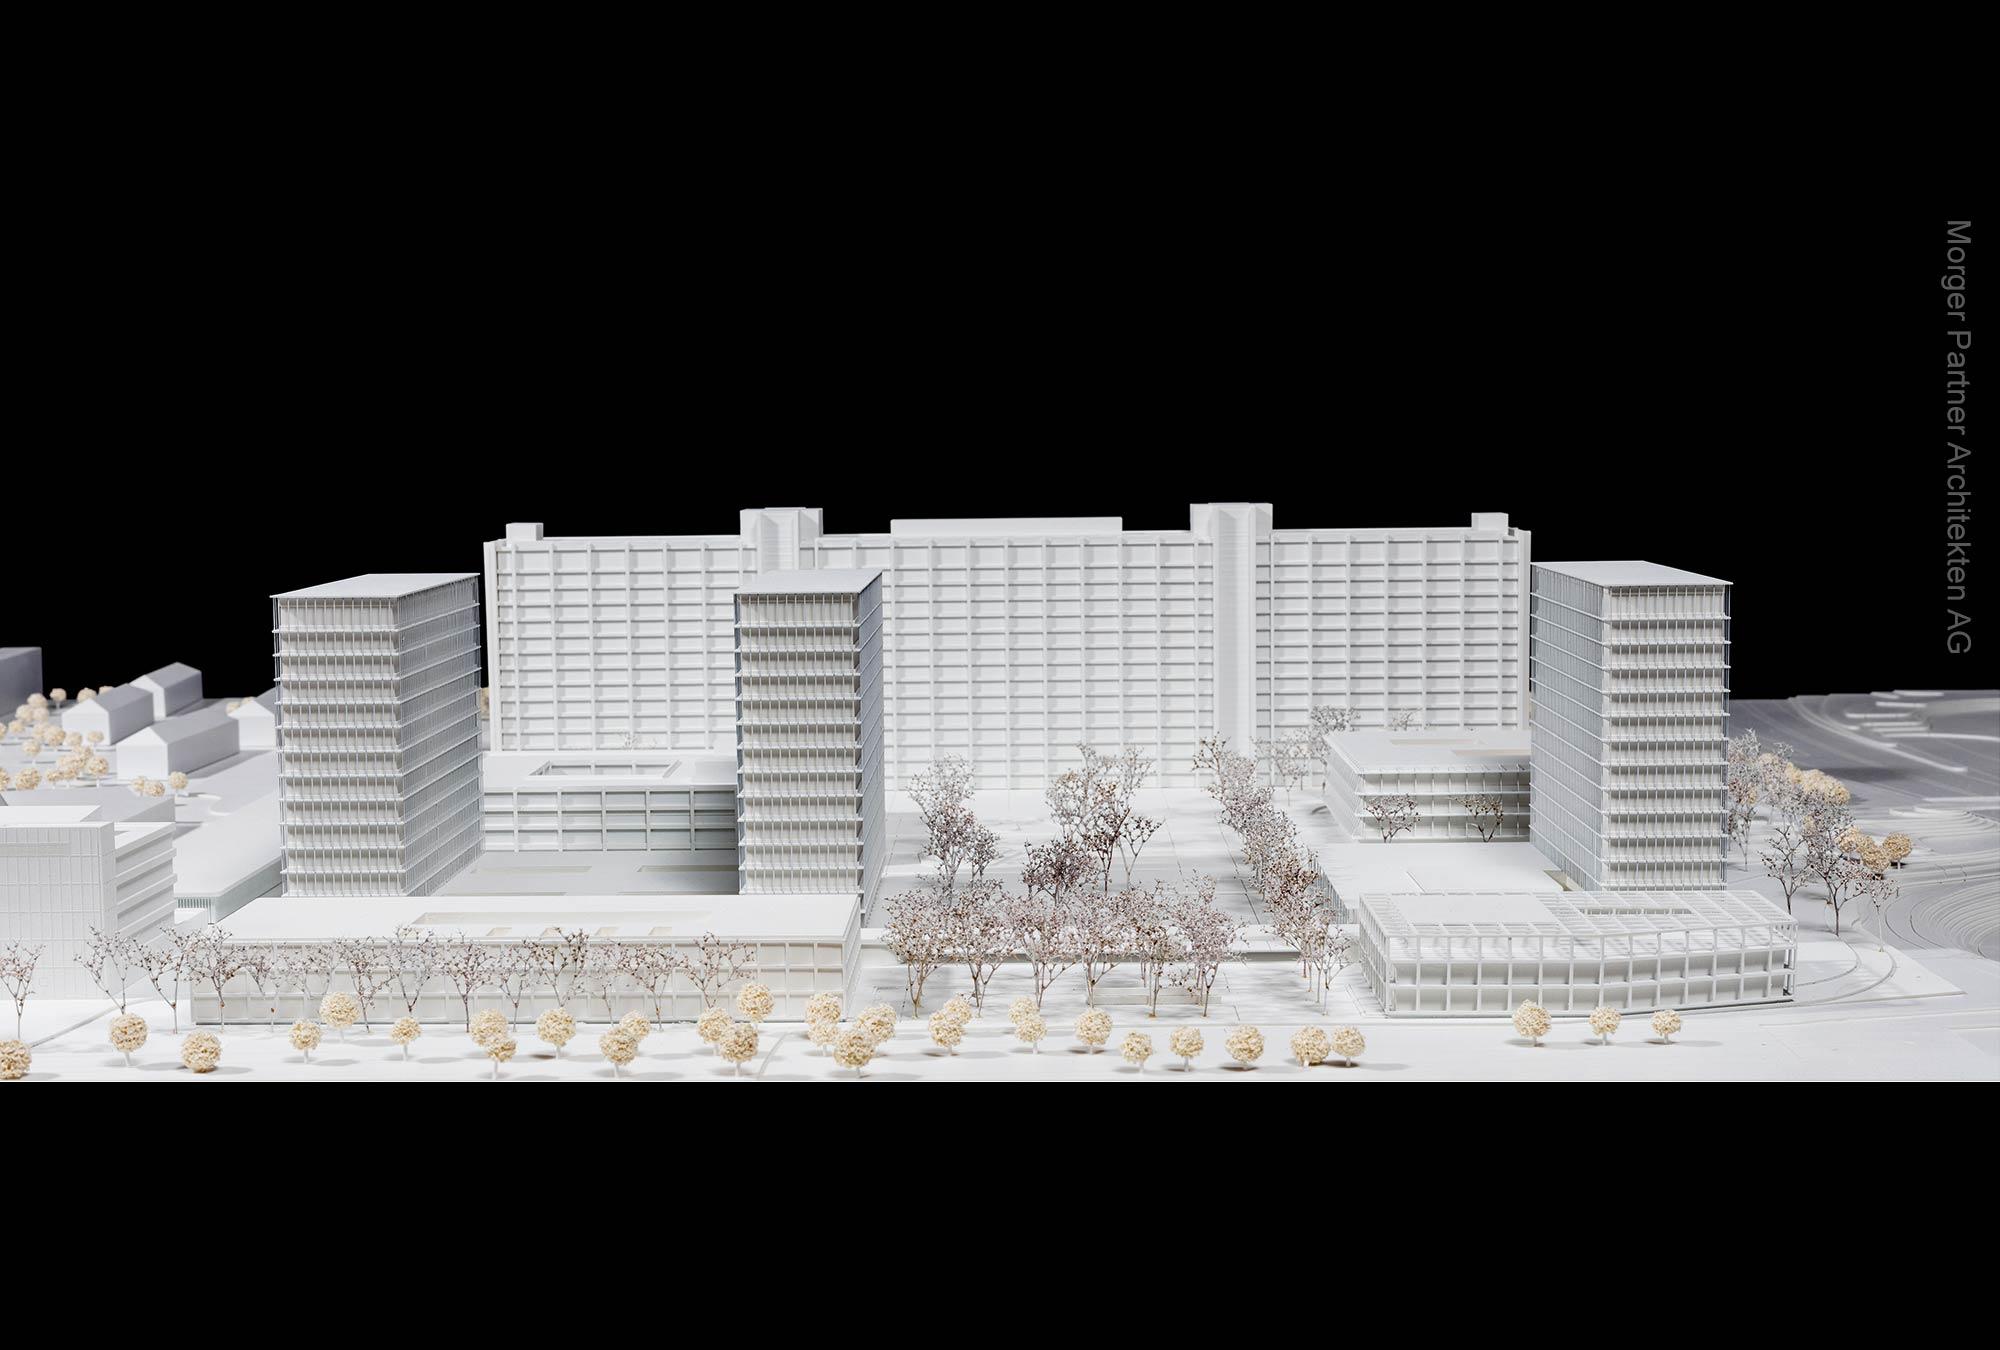 Campus Deutsche Bundesbank: Architektenwettbewerb entschieden